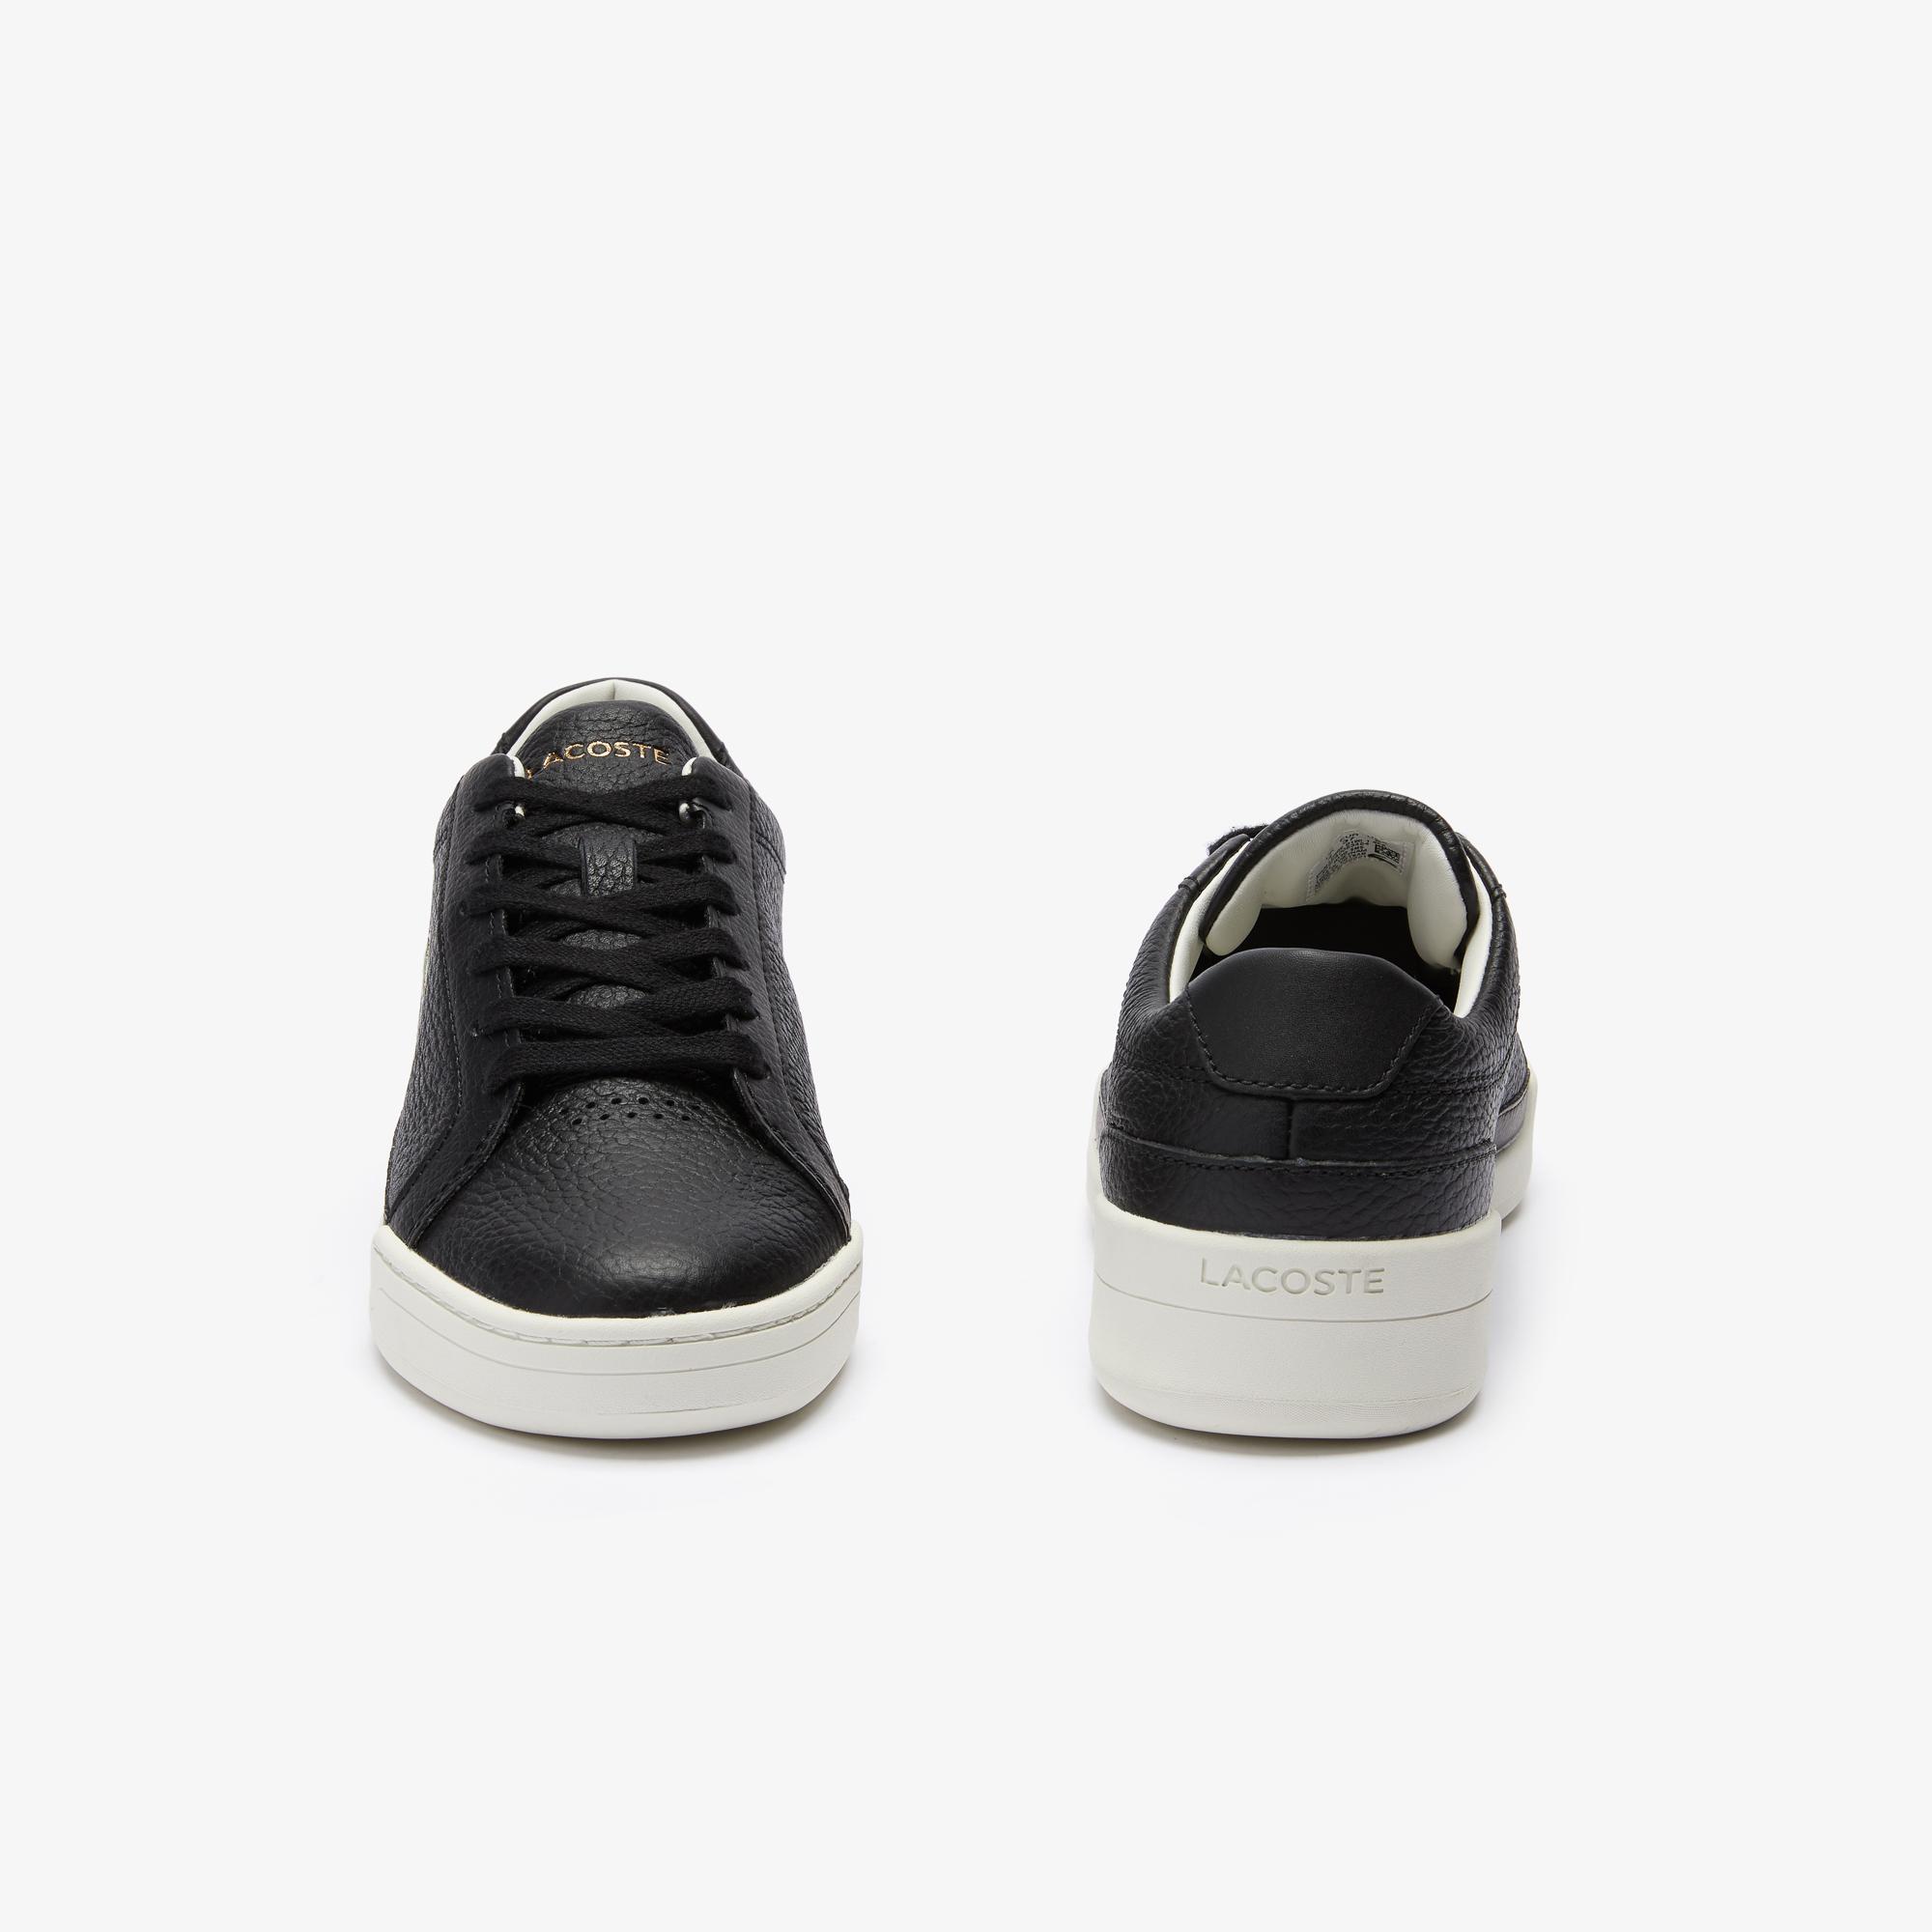 Lacoste Challenge 0120 1 Sfa Kadın Deri Siyah - Beyaz Sneaker